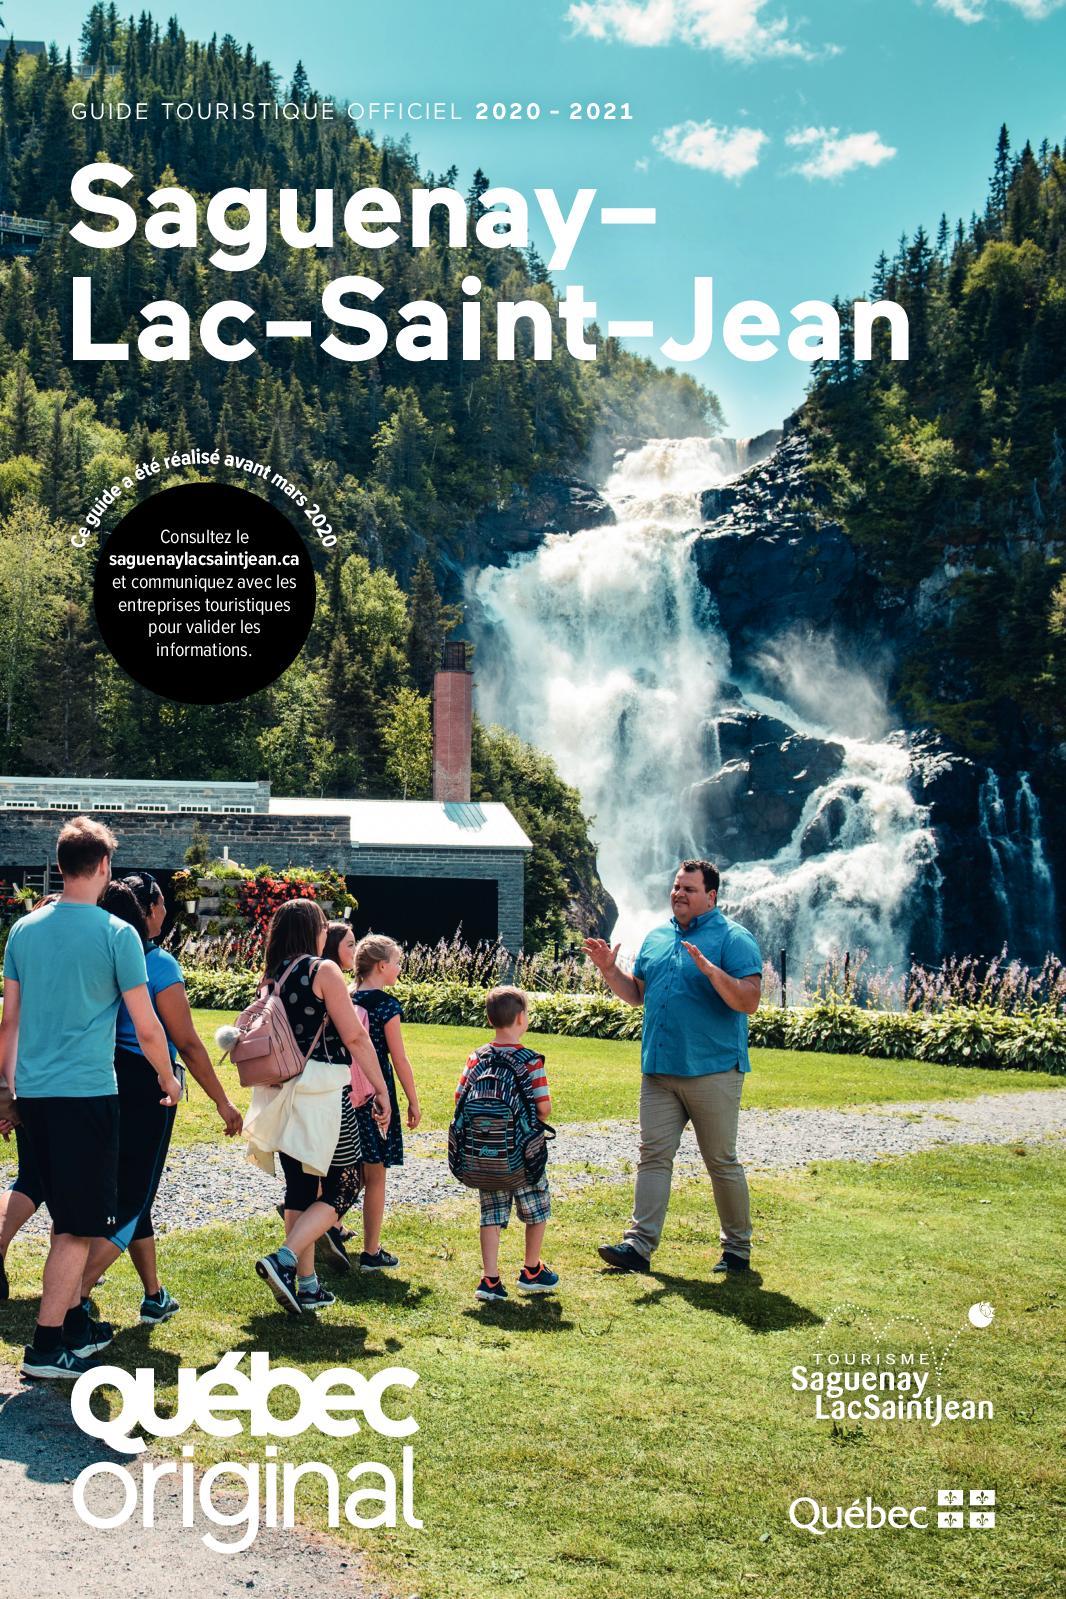 sites de rencontres saguenay lac st jean site de rencontre rdl